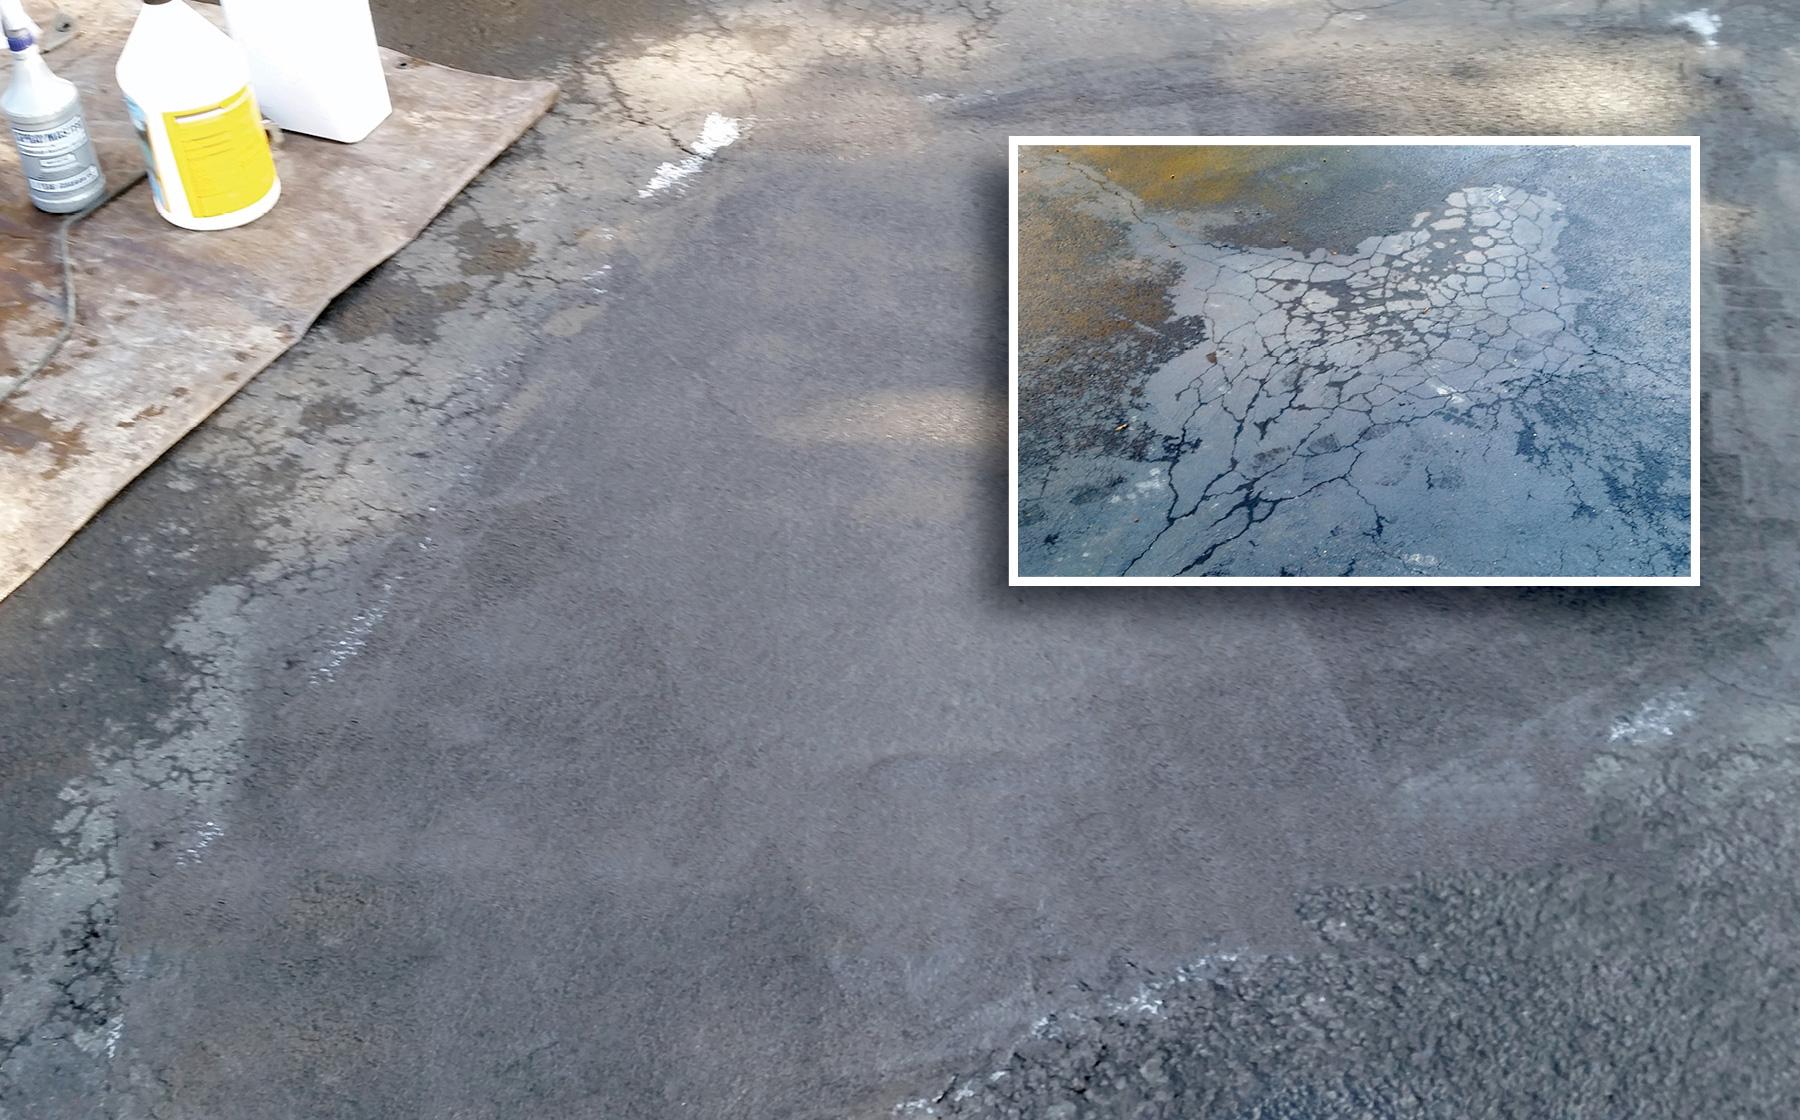 Asphalt Patch can be applied directly over 'alligator skin' asphalt without deconstruction!